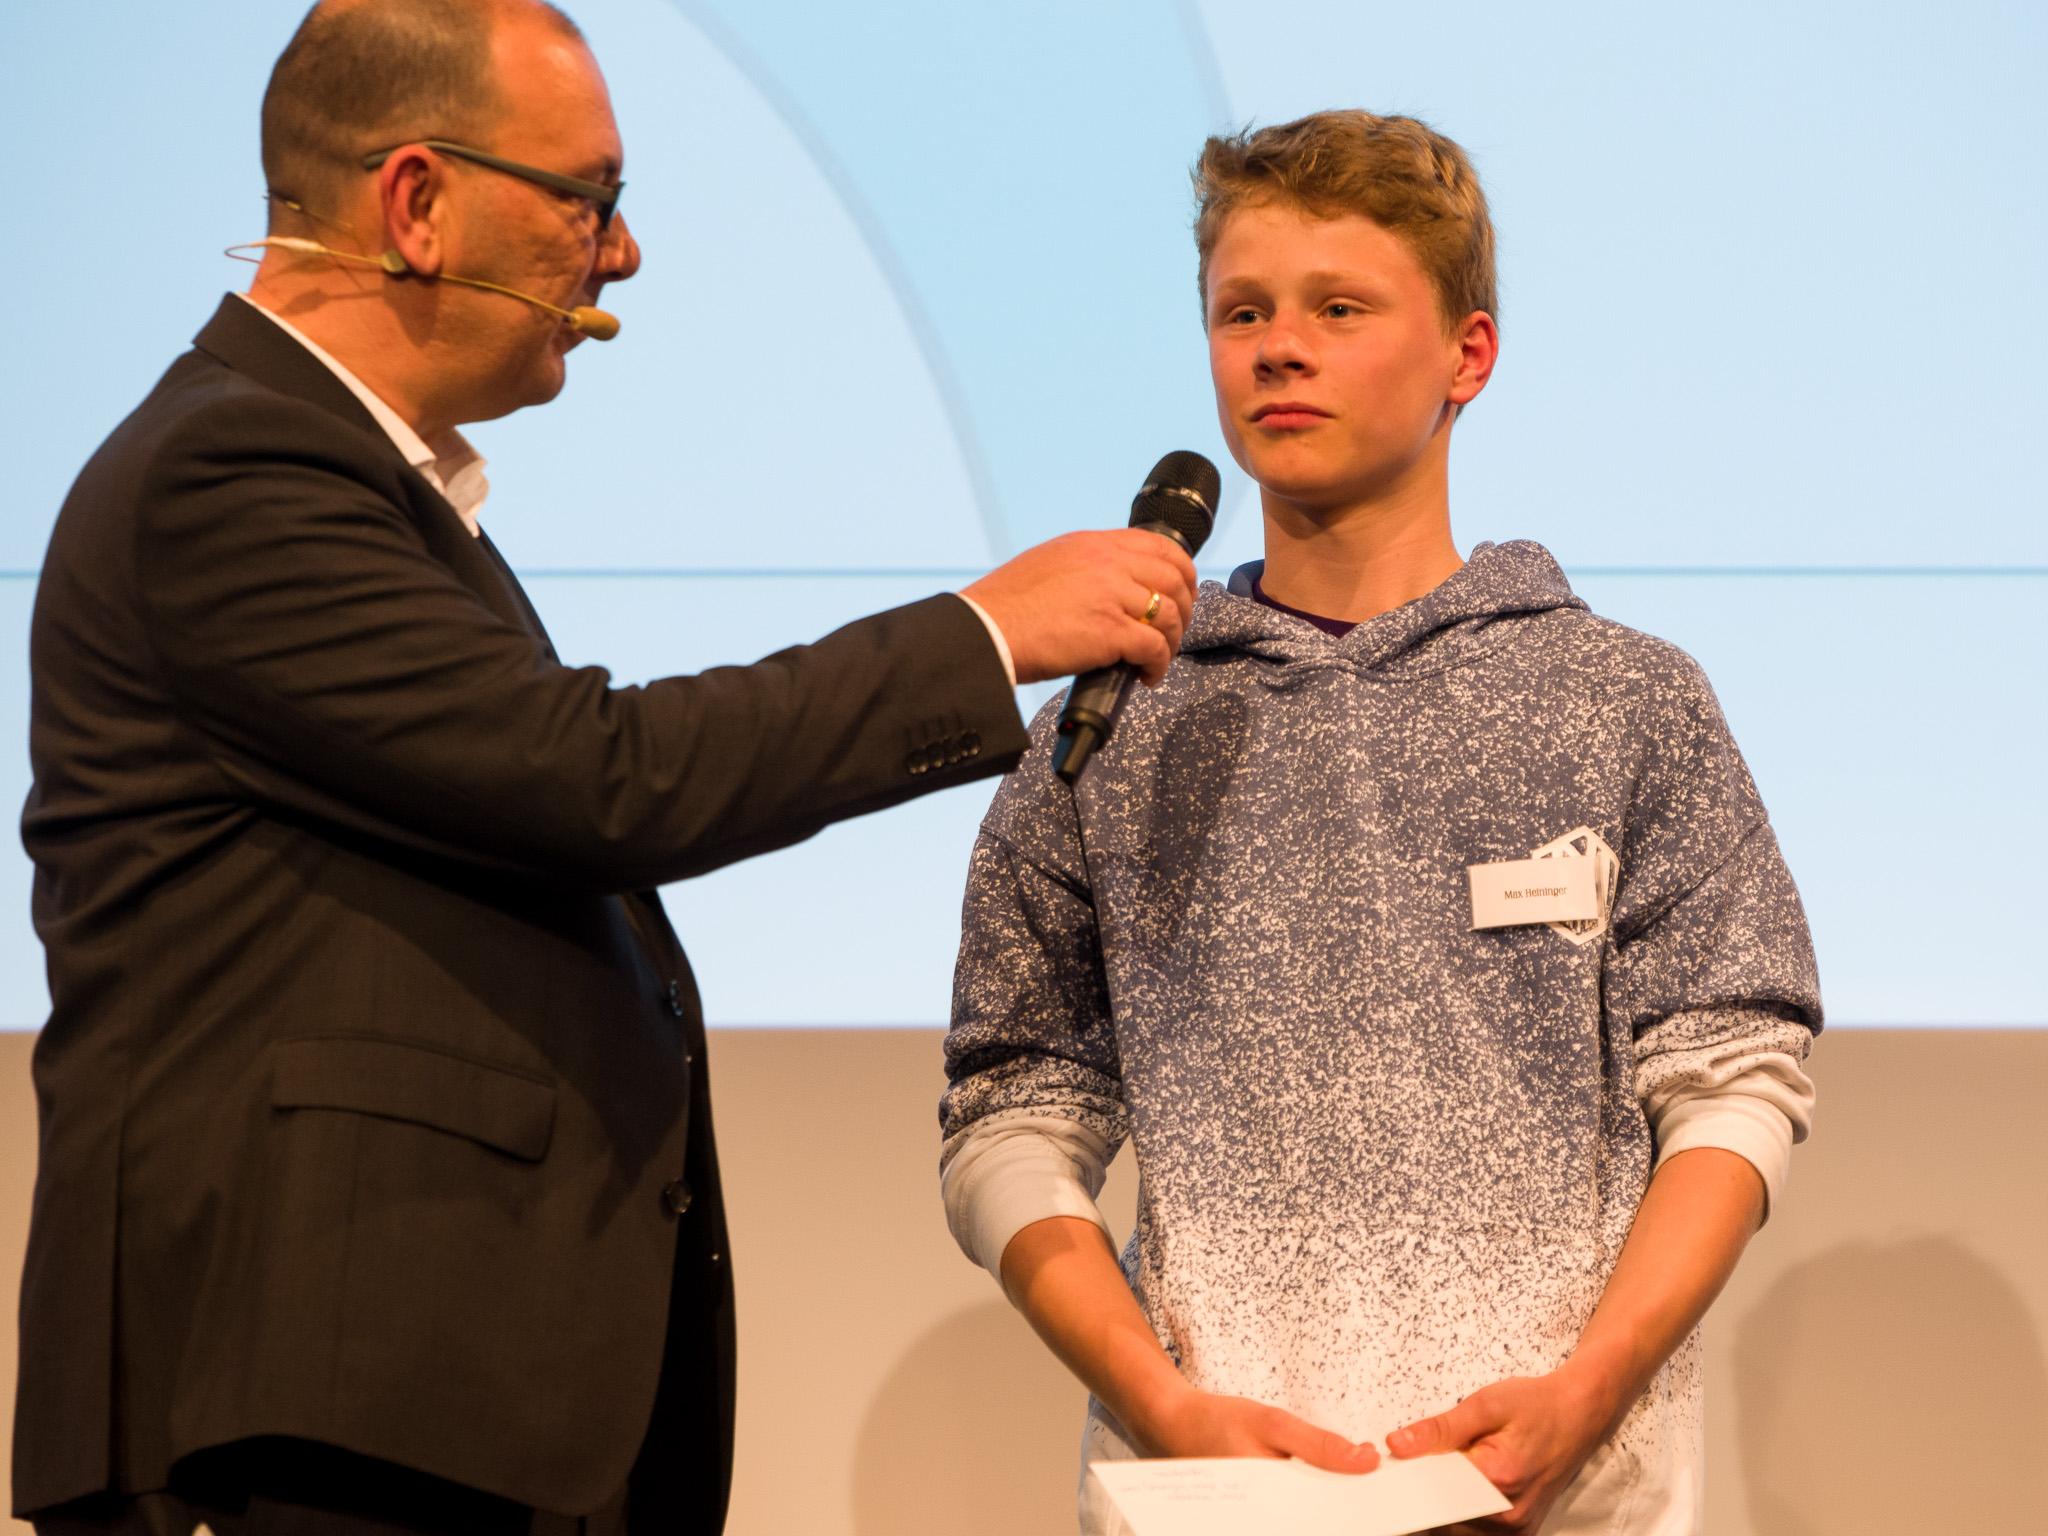 Der Jugendpreis ging dieses Jahr an Max Heininger, aktiv beim JFG Kreis Würzburg-Nord. Foto: Pascal Höfig